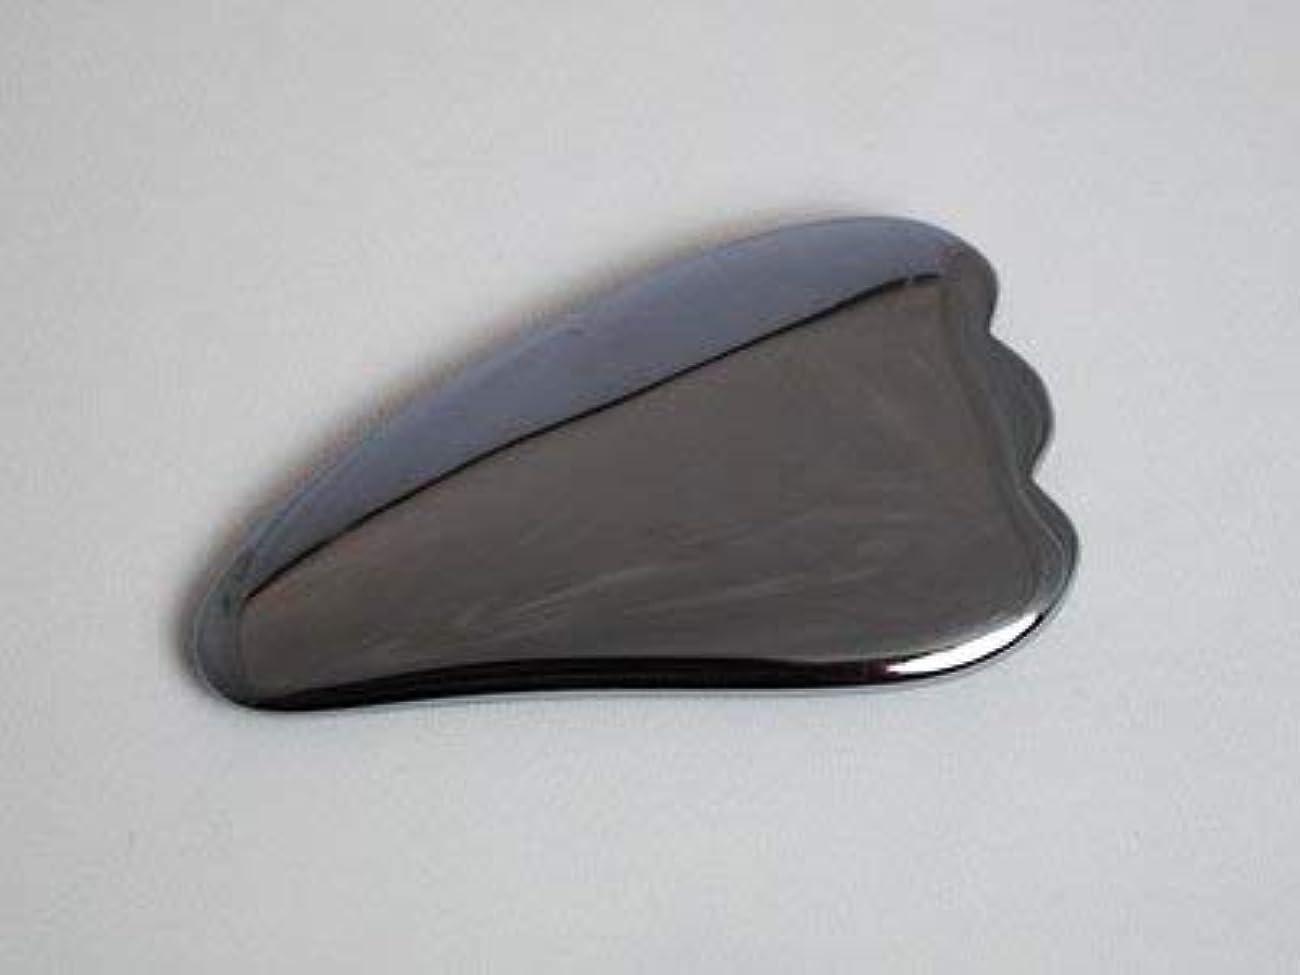 ディーラー光沢のあるマントルかっさ テラヘルツ 鉱石 天然石 マッサージ 健康グッズ